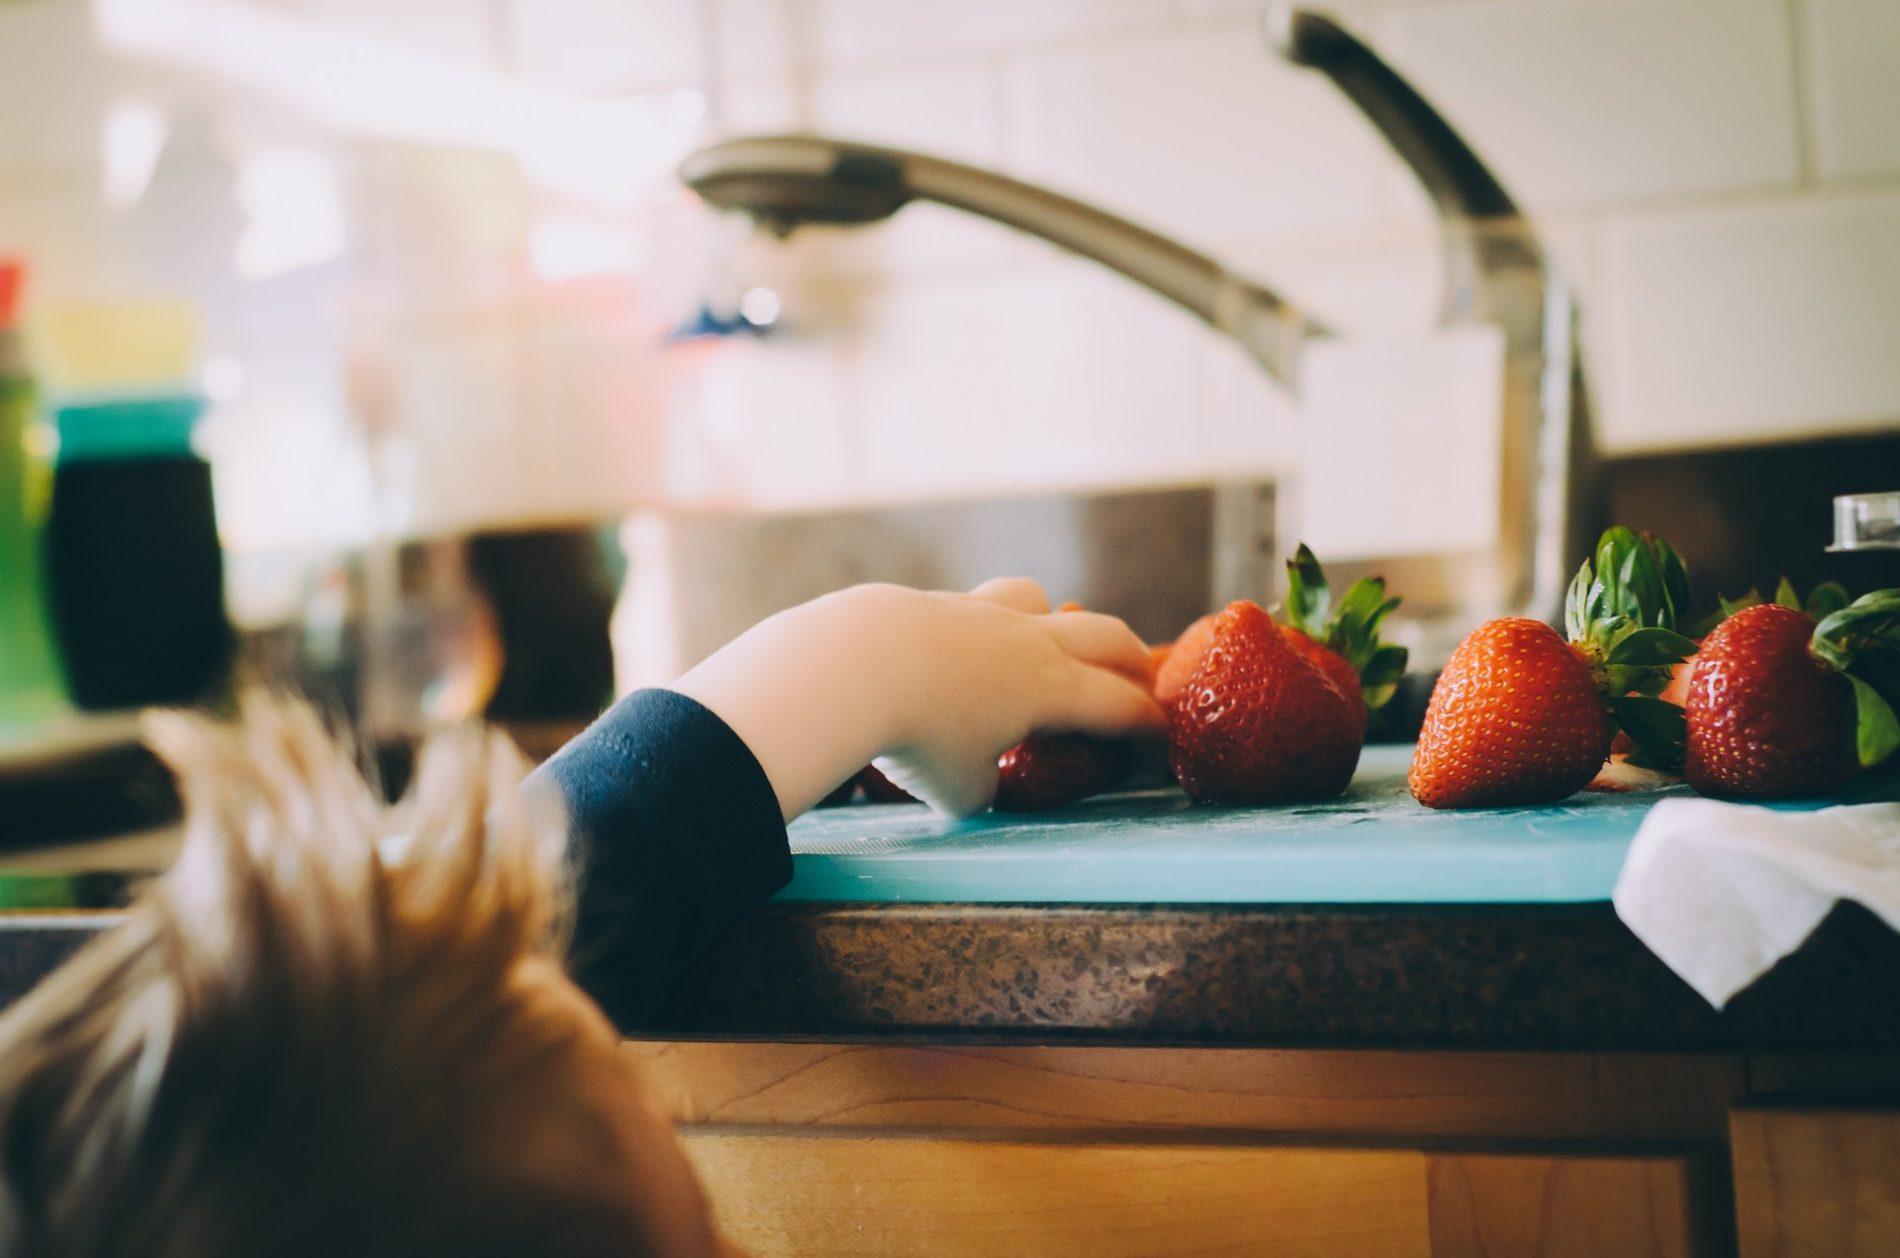 ricette per far mangiare frutta e verdura ai bambini